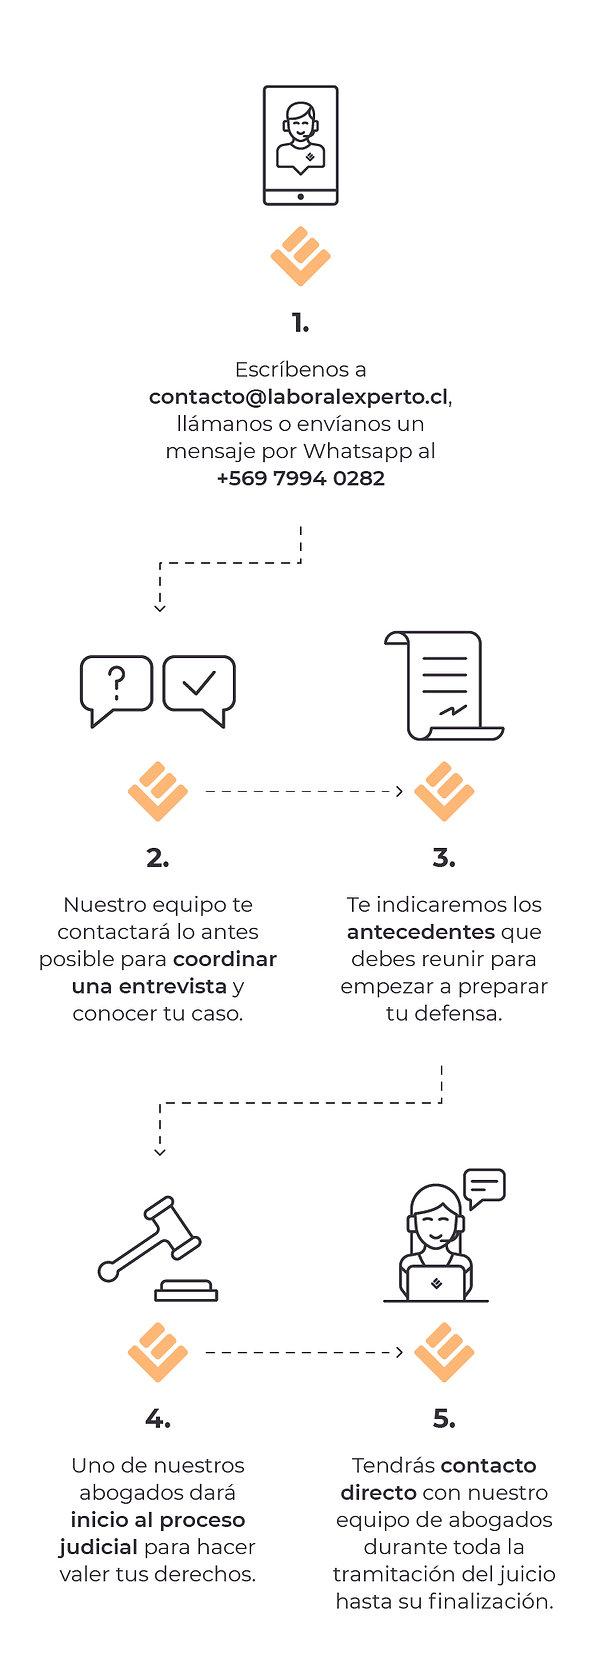 flujo-trabajo_laboral-experto_cel.jpg